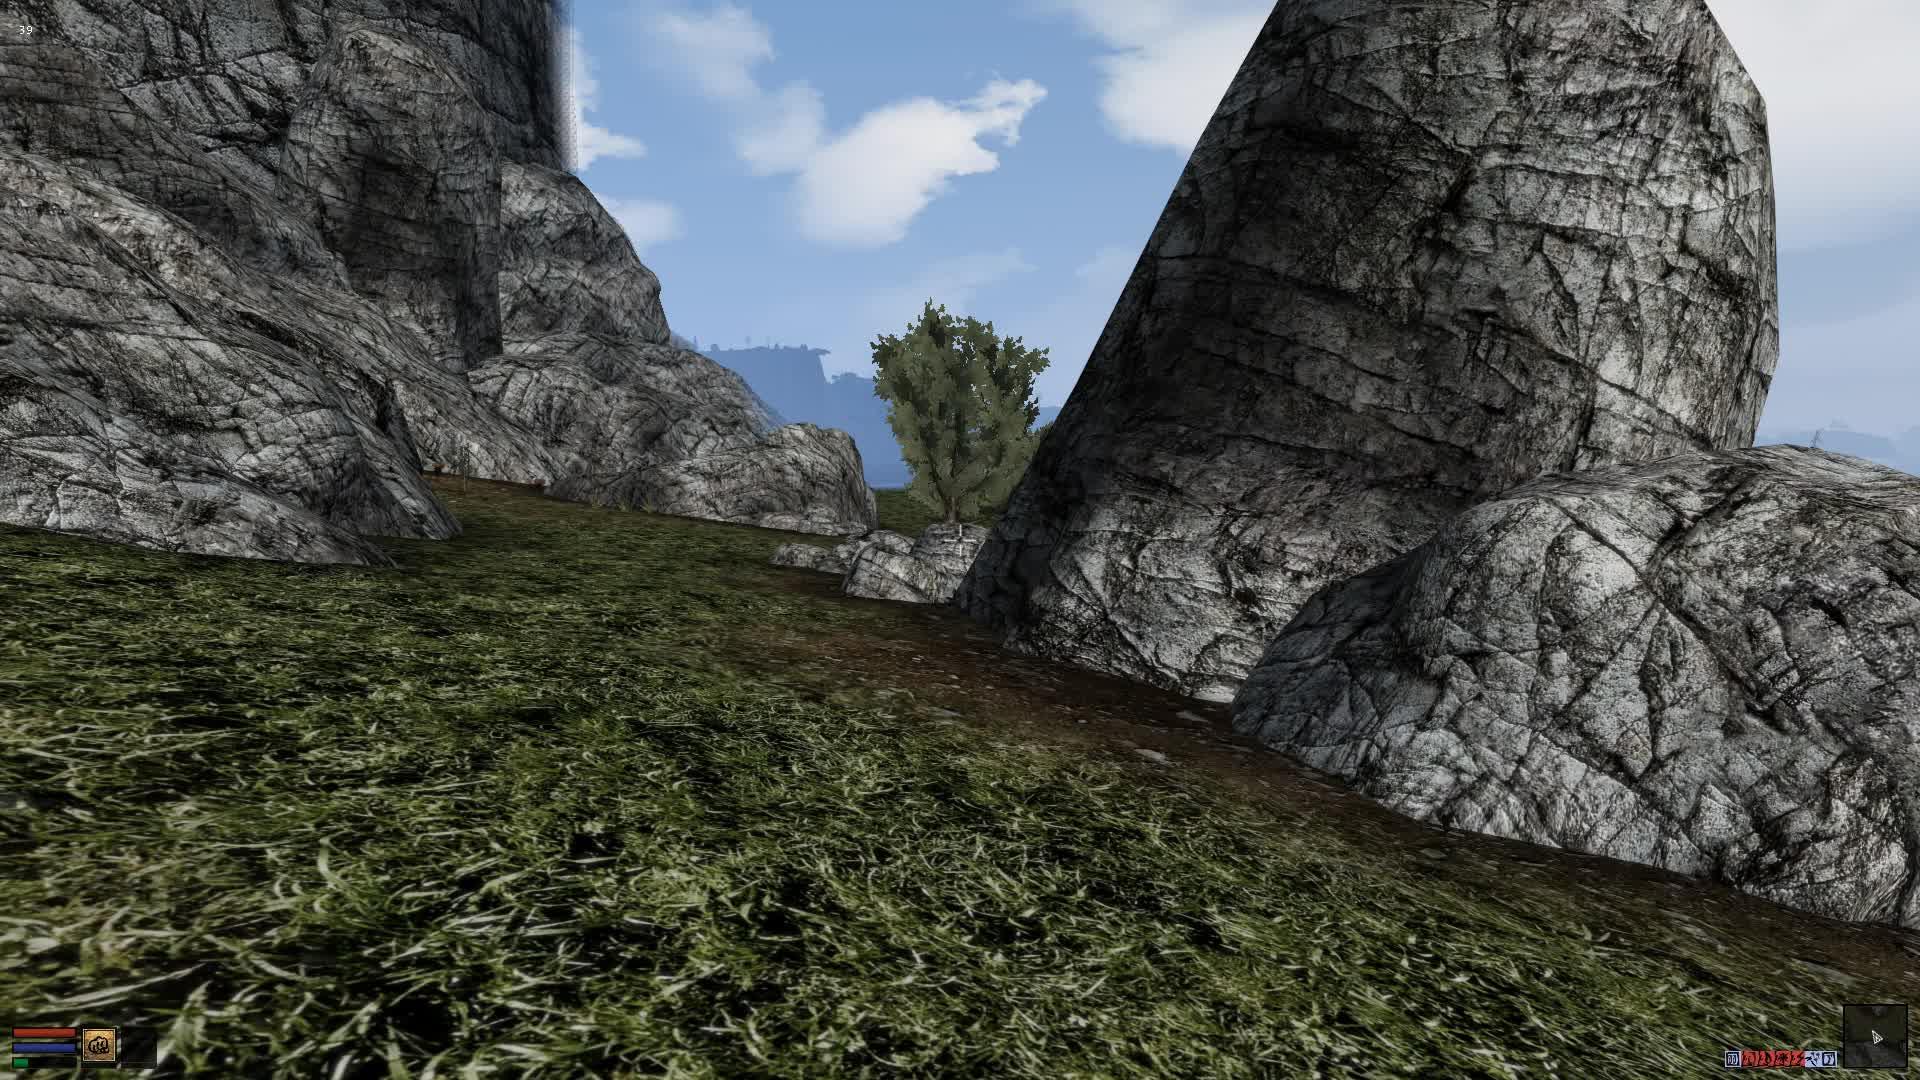 elderscrolls3morrowind, Elder Scrolls 3 Morrowind 2018.05.20 - 20.01.24.02 GIFs